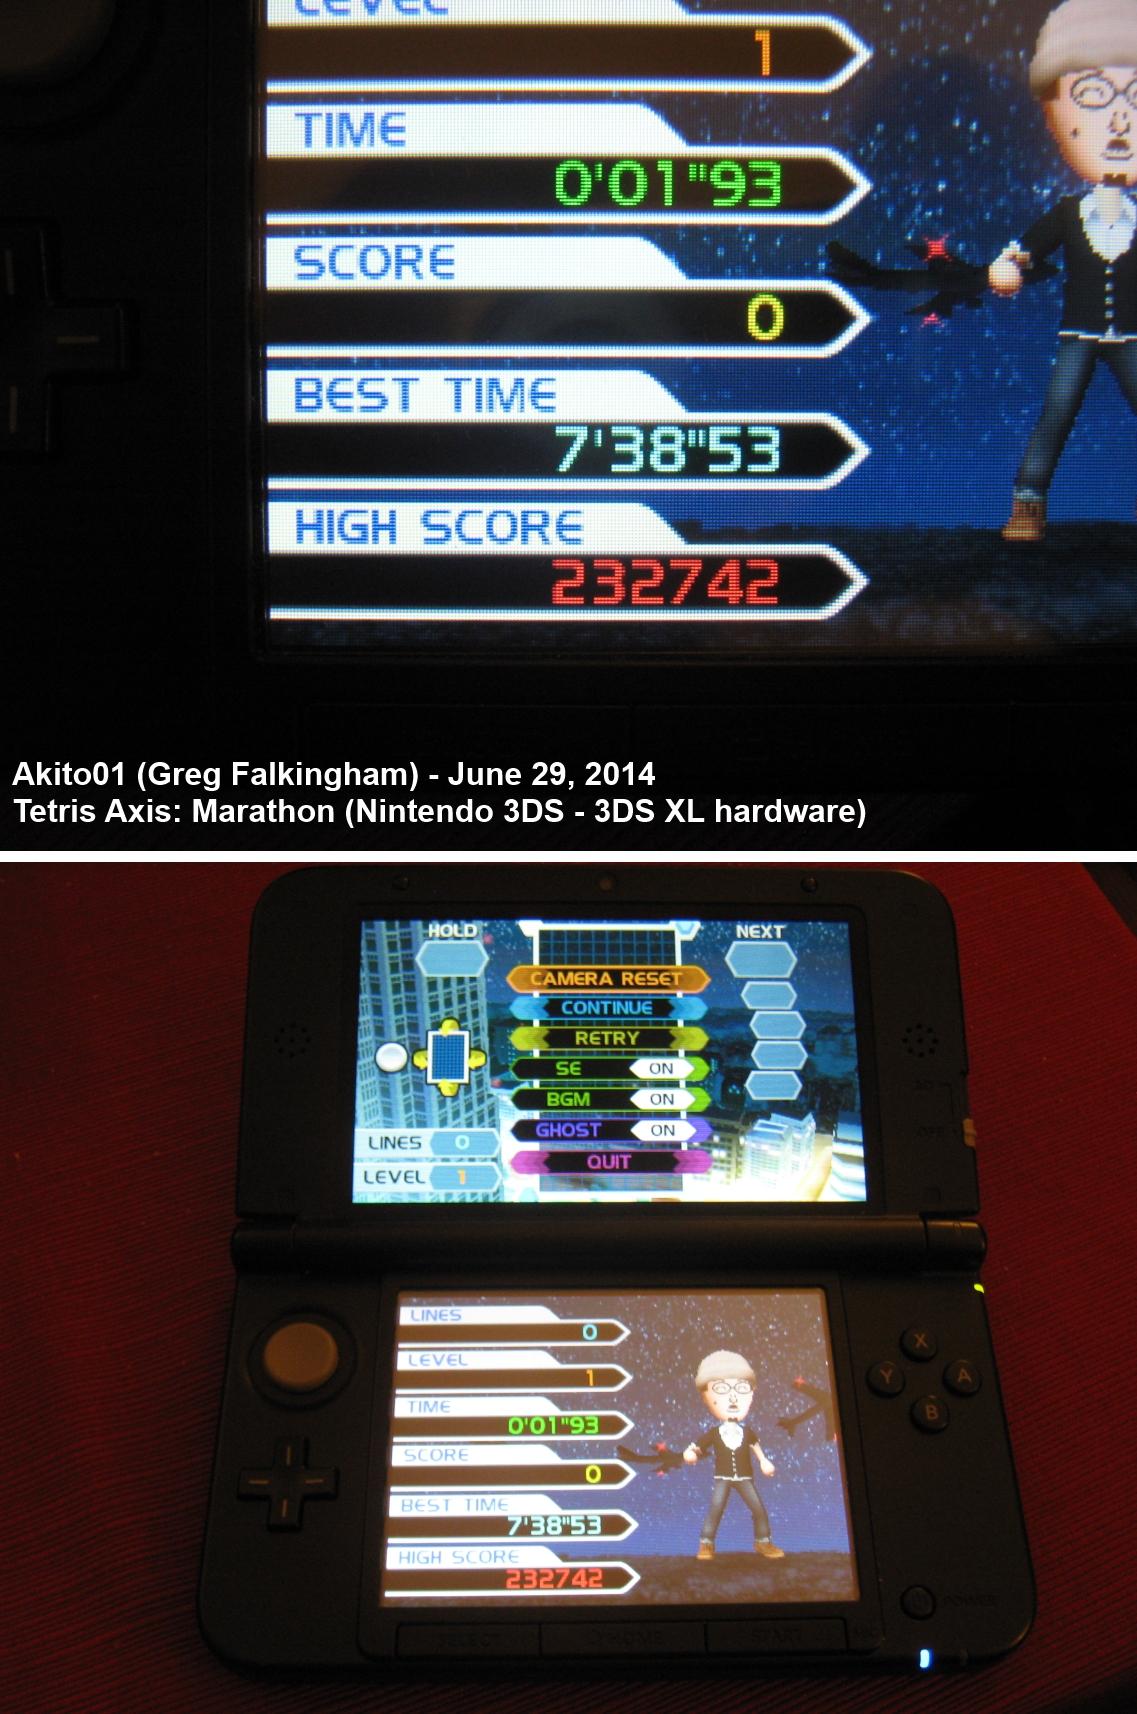 Tetris: Axis [Marathon Mode] 232,742 points